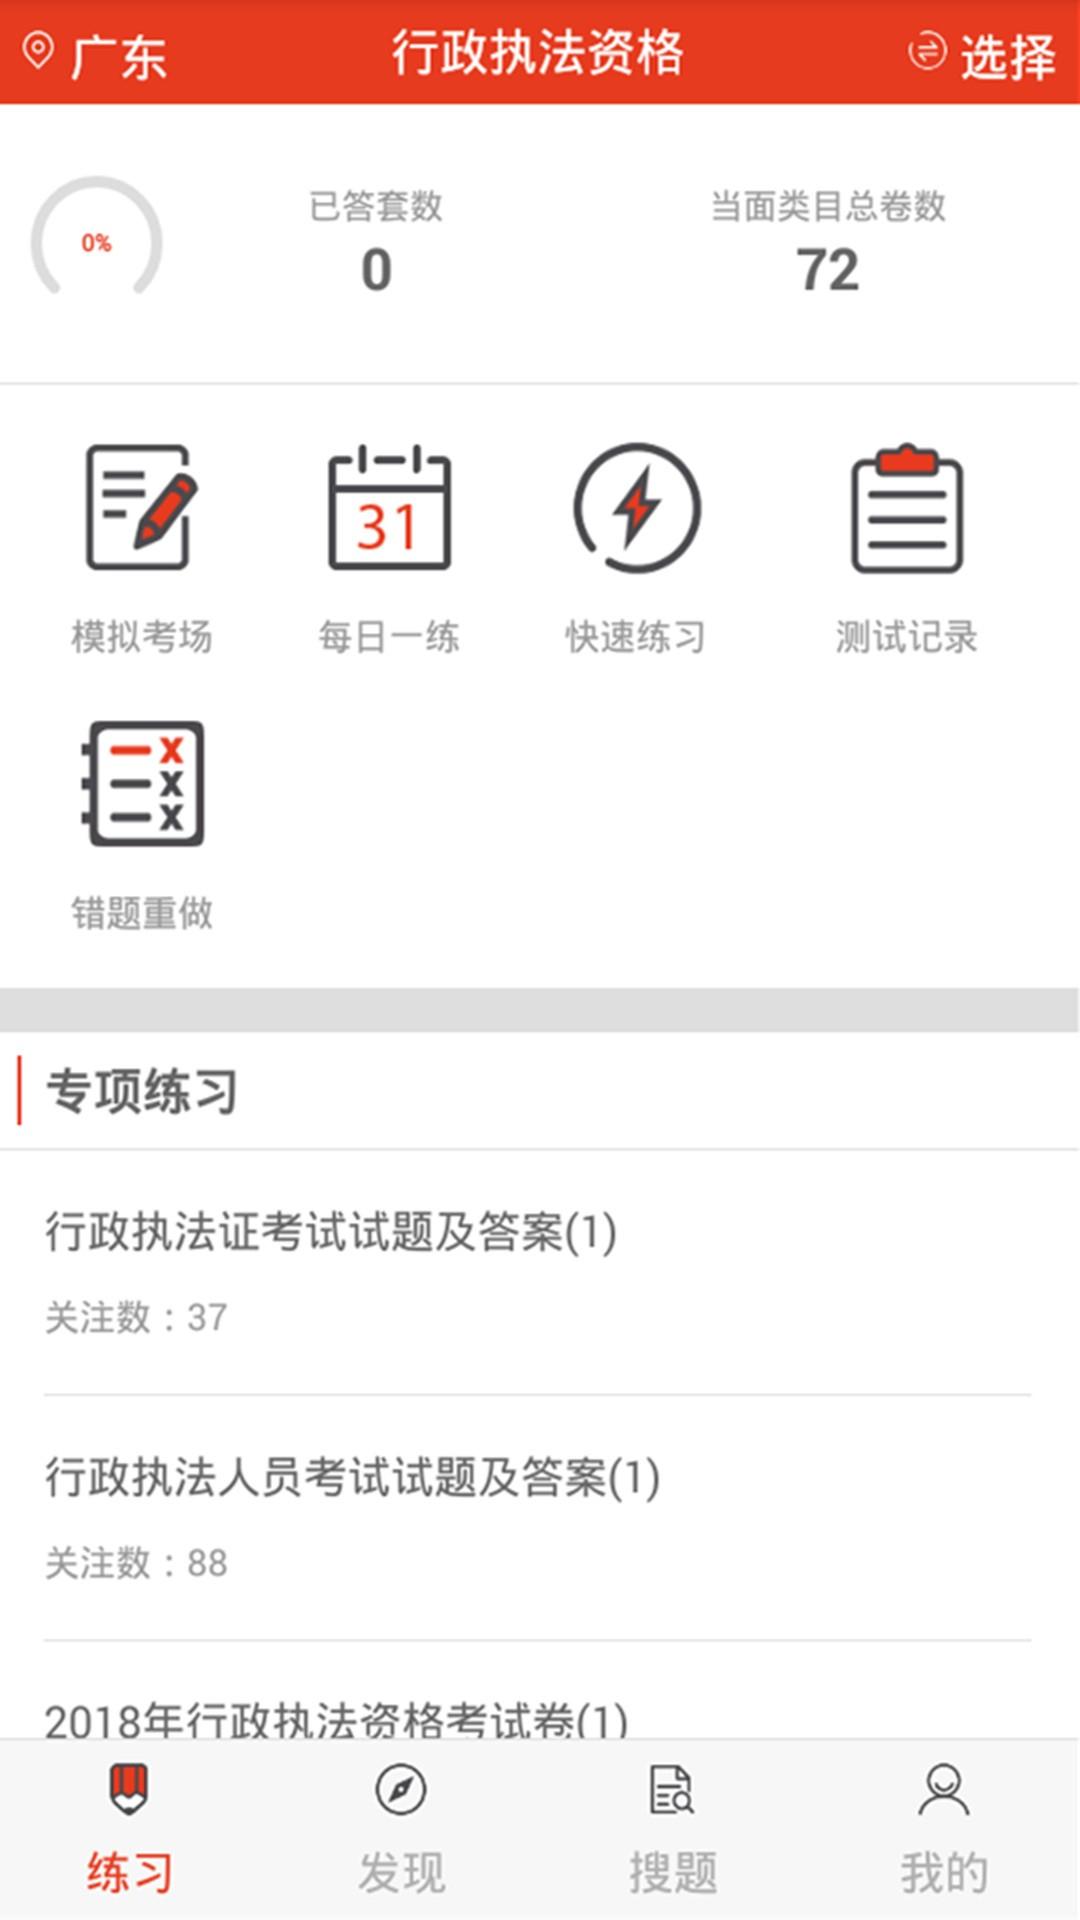 执法资格 1.0.1 安卓版